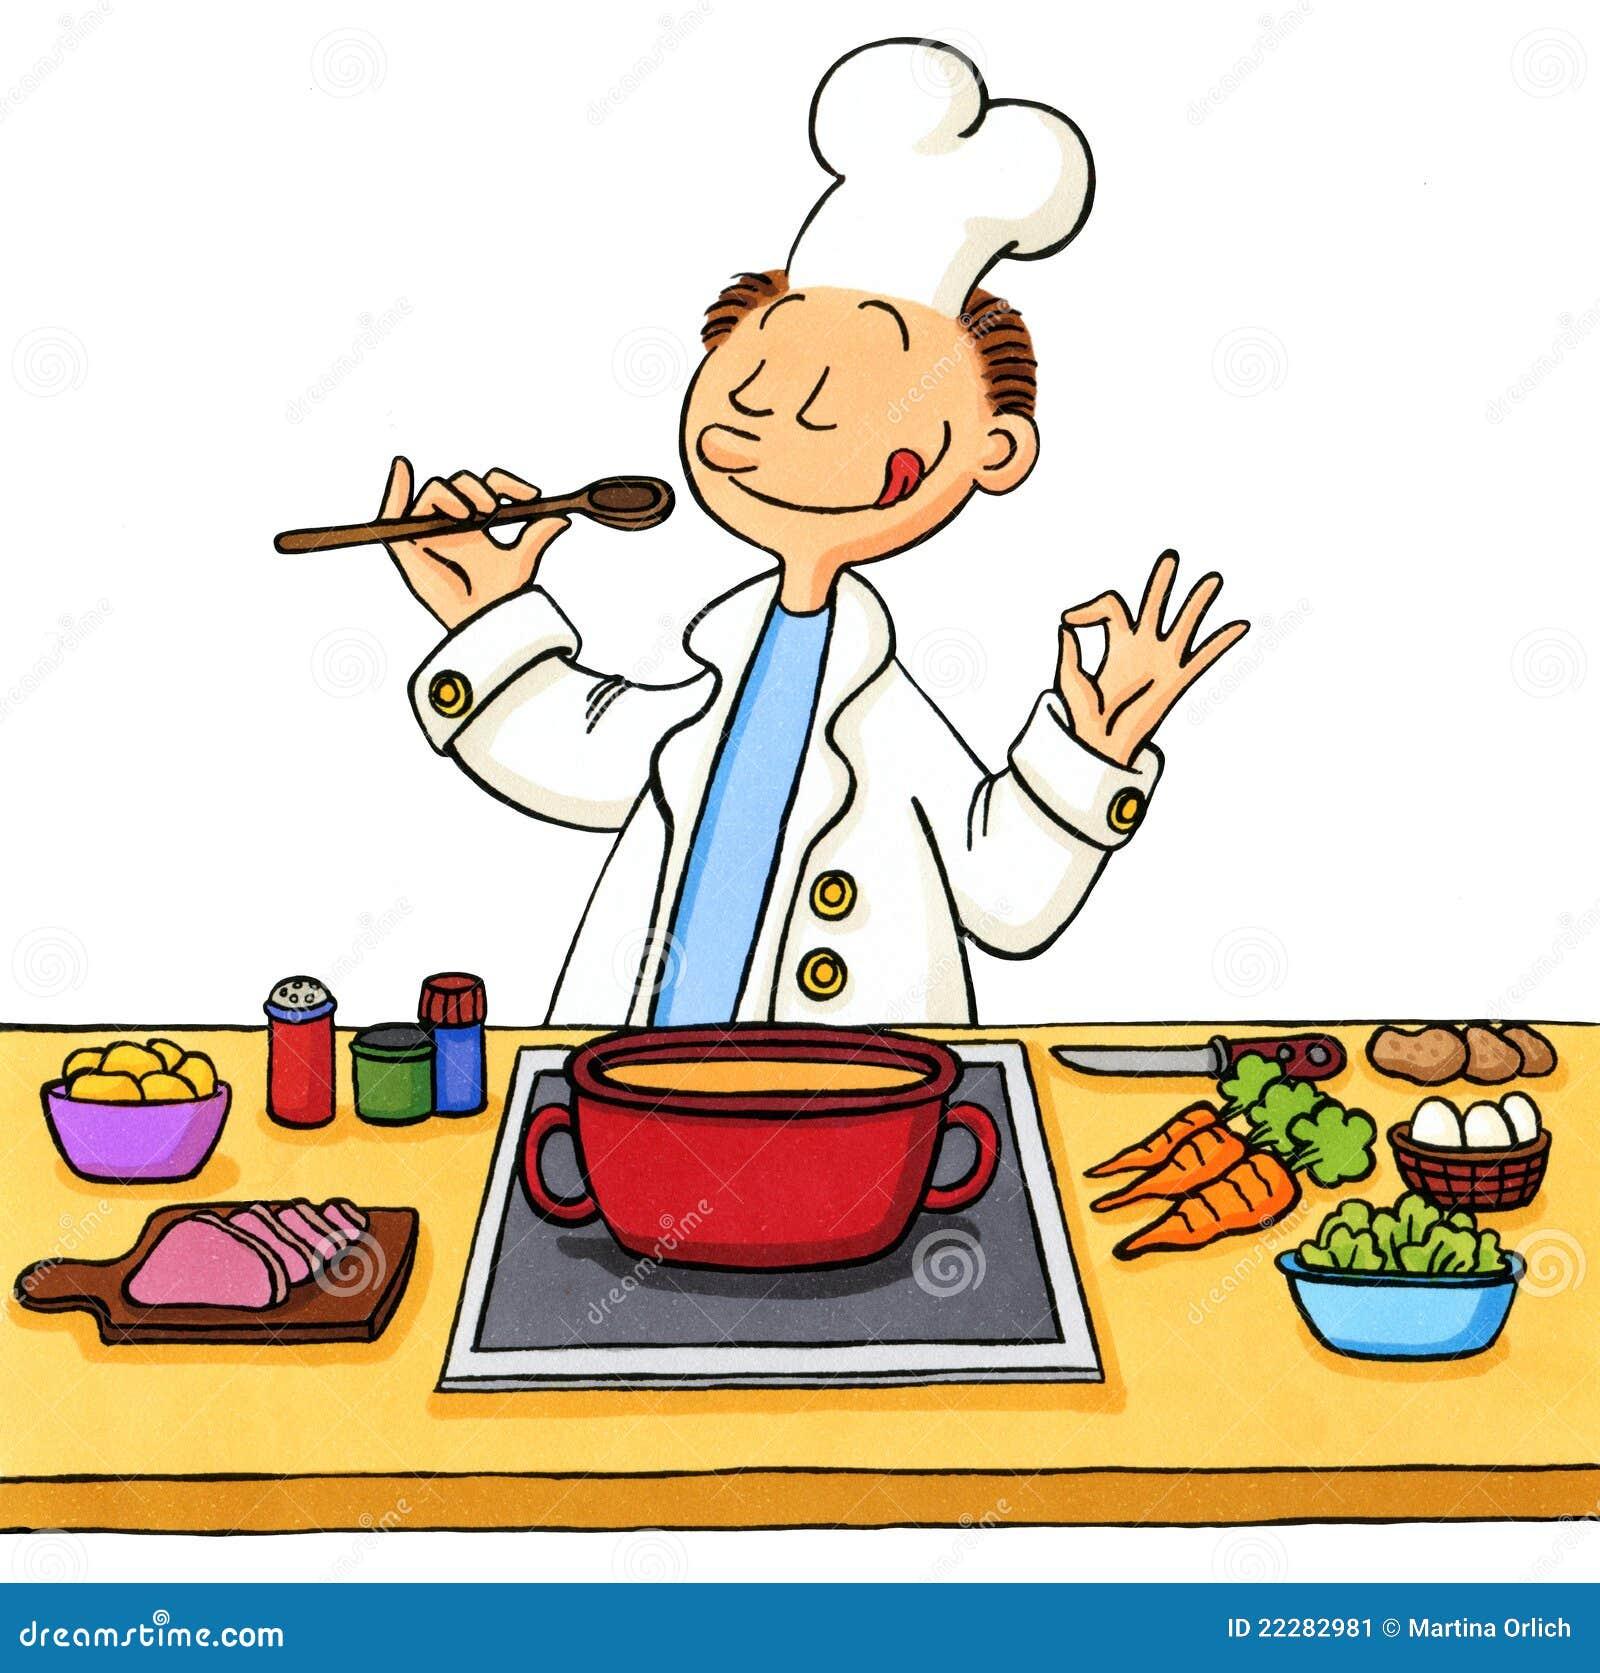 Dessin anim d 39 un cuisinier dans la cuisine image stock - Kamasoutra dans la cuisine ...